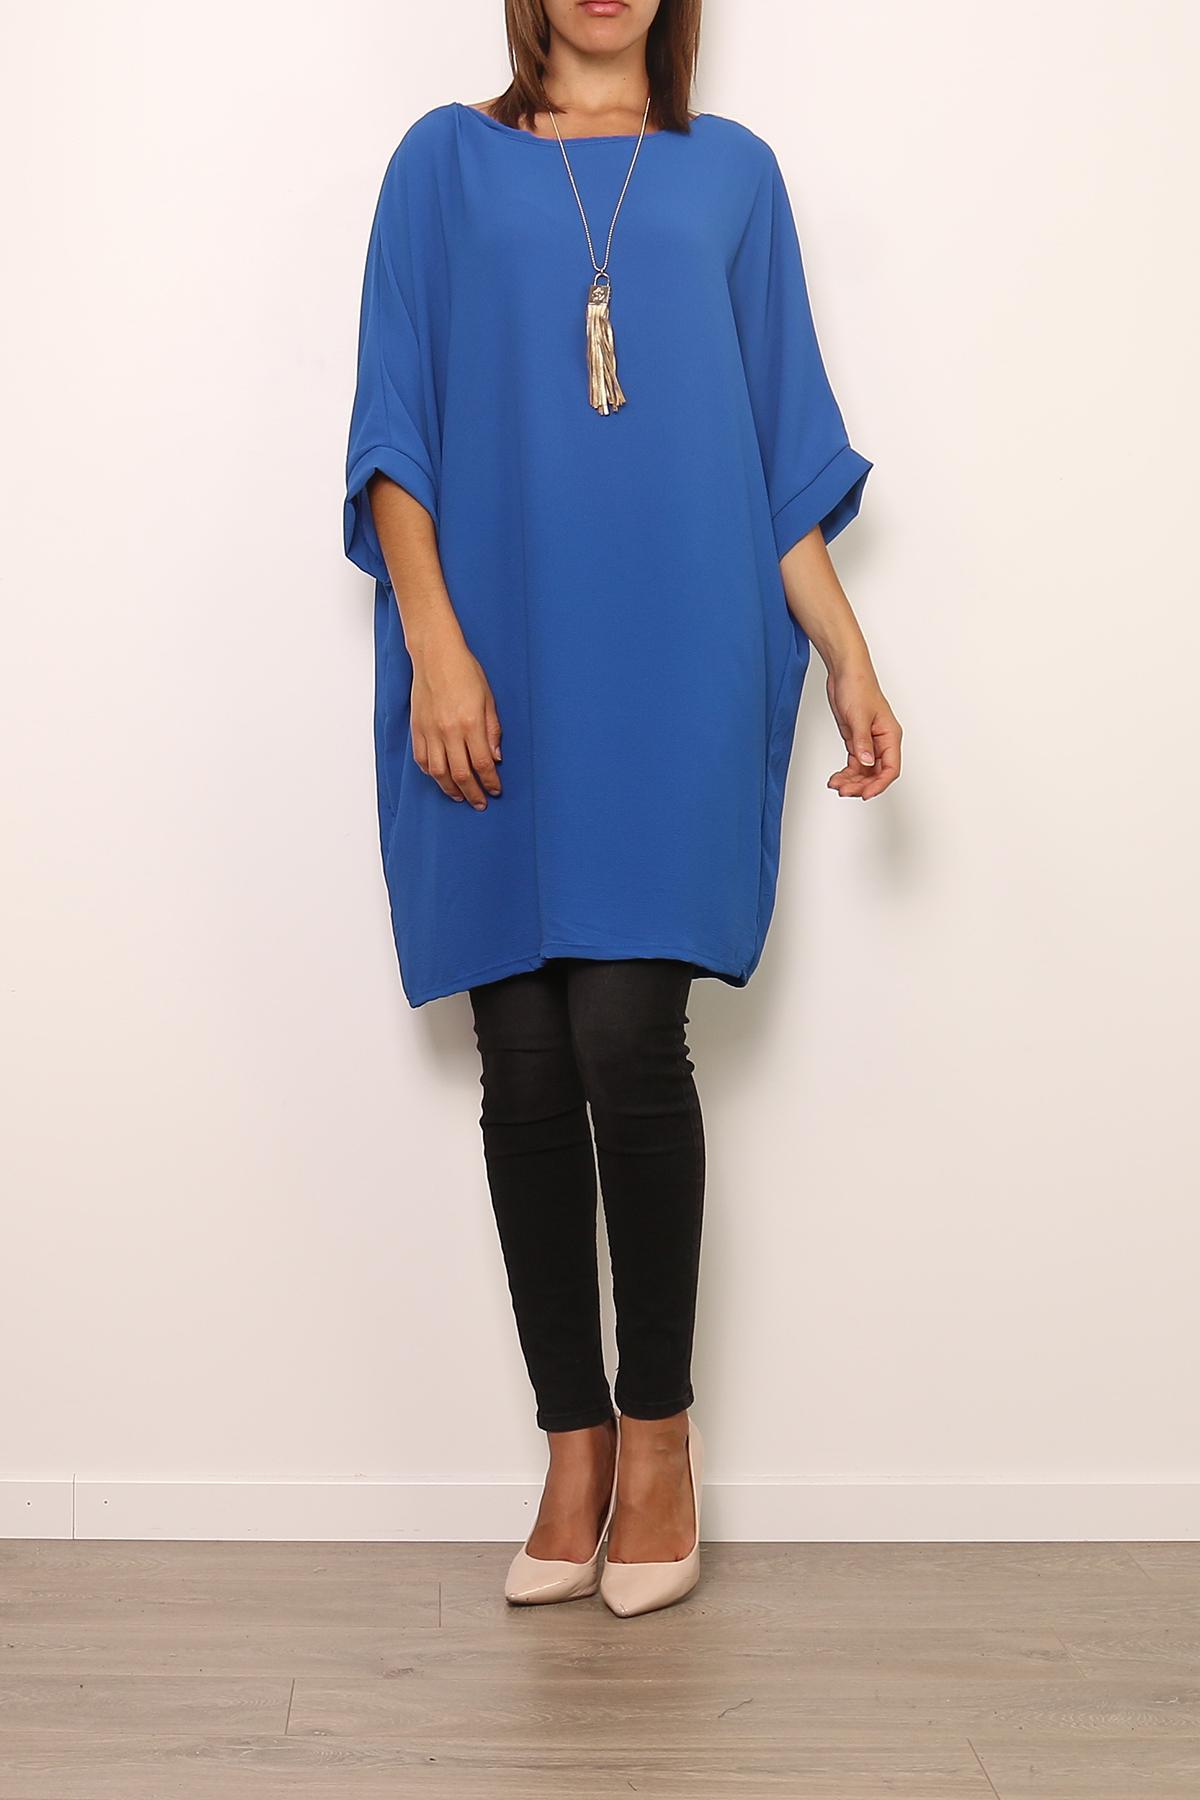 Robes courtes Femme 0643-BLEU Medi Mode